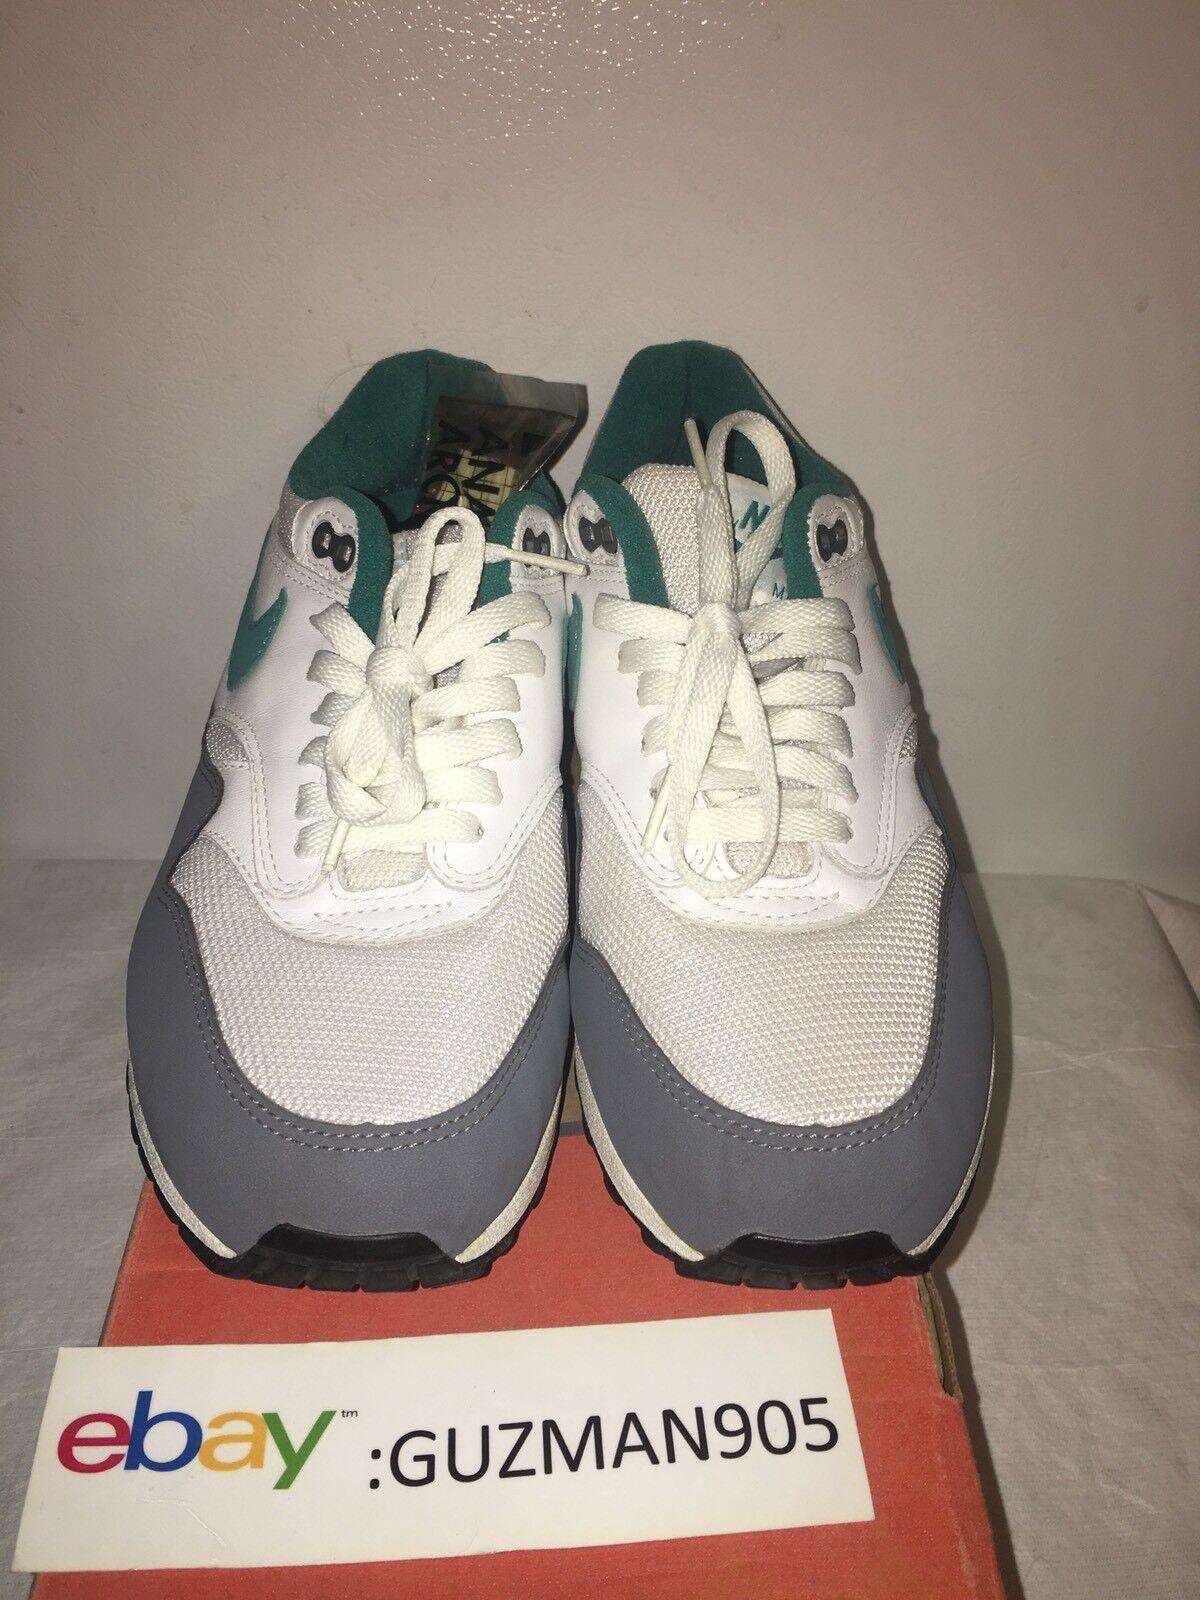 2004 Nike Air Max 1 Teal Size 9 Euro 306295 131 Patta Atmos 87 Mesh